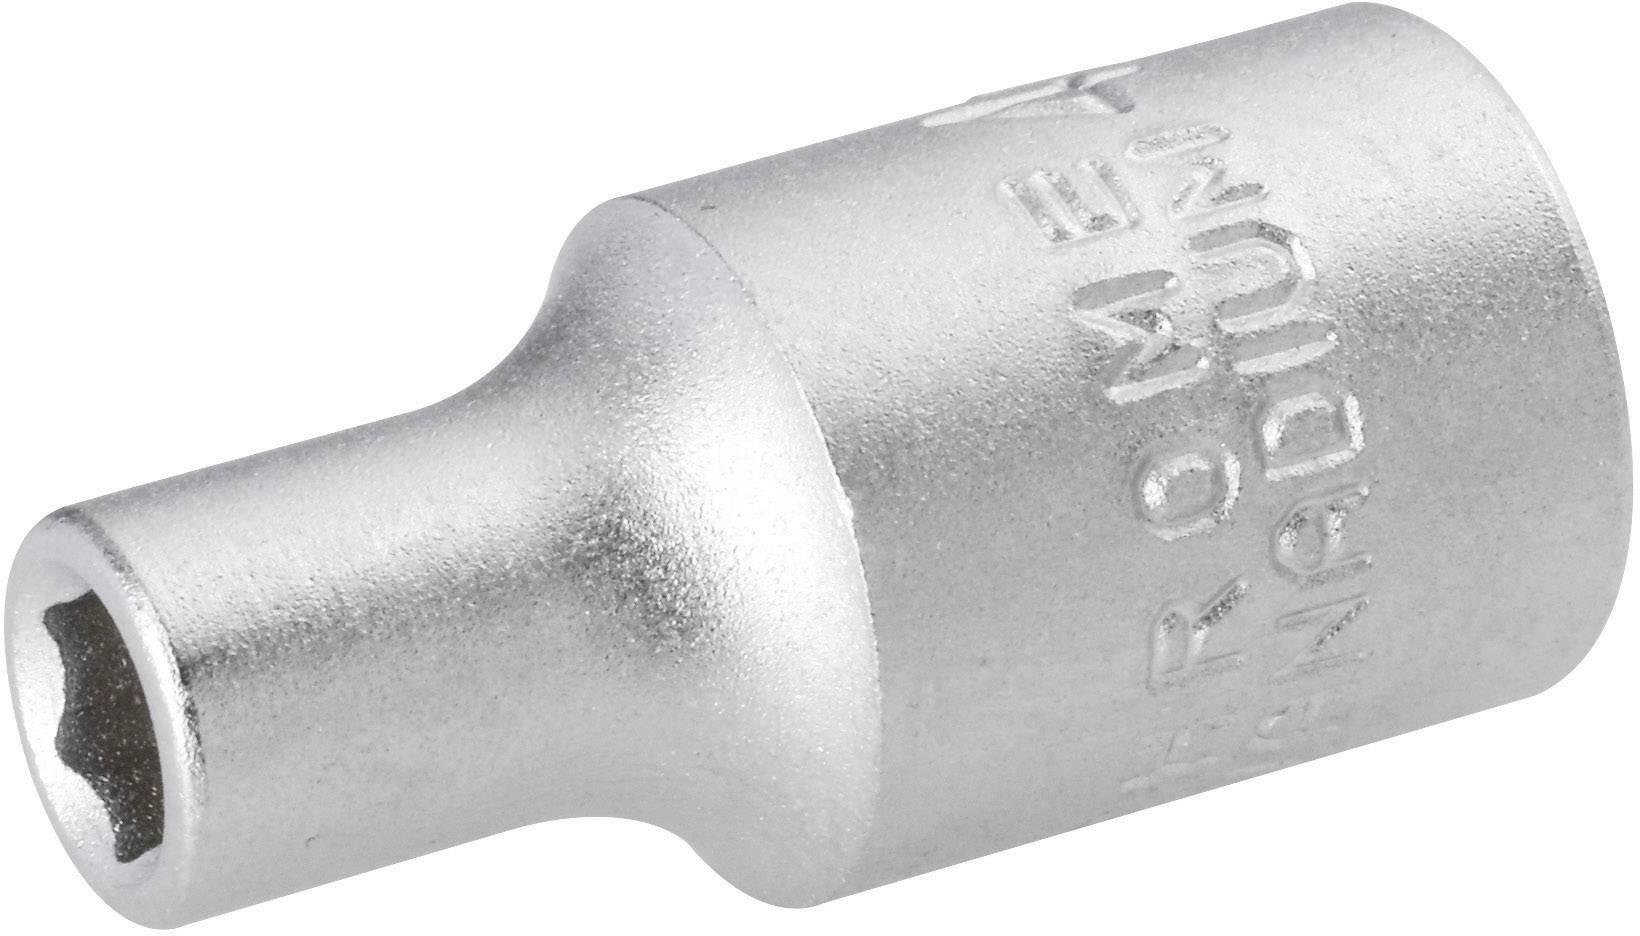 """Nástavec pro ráčnu TOOLCRAFT 820753, vnější šestihran, 1/4"""" (6,3 mm), 13 mm, chrom-vanadová ocel"""